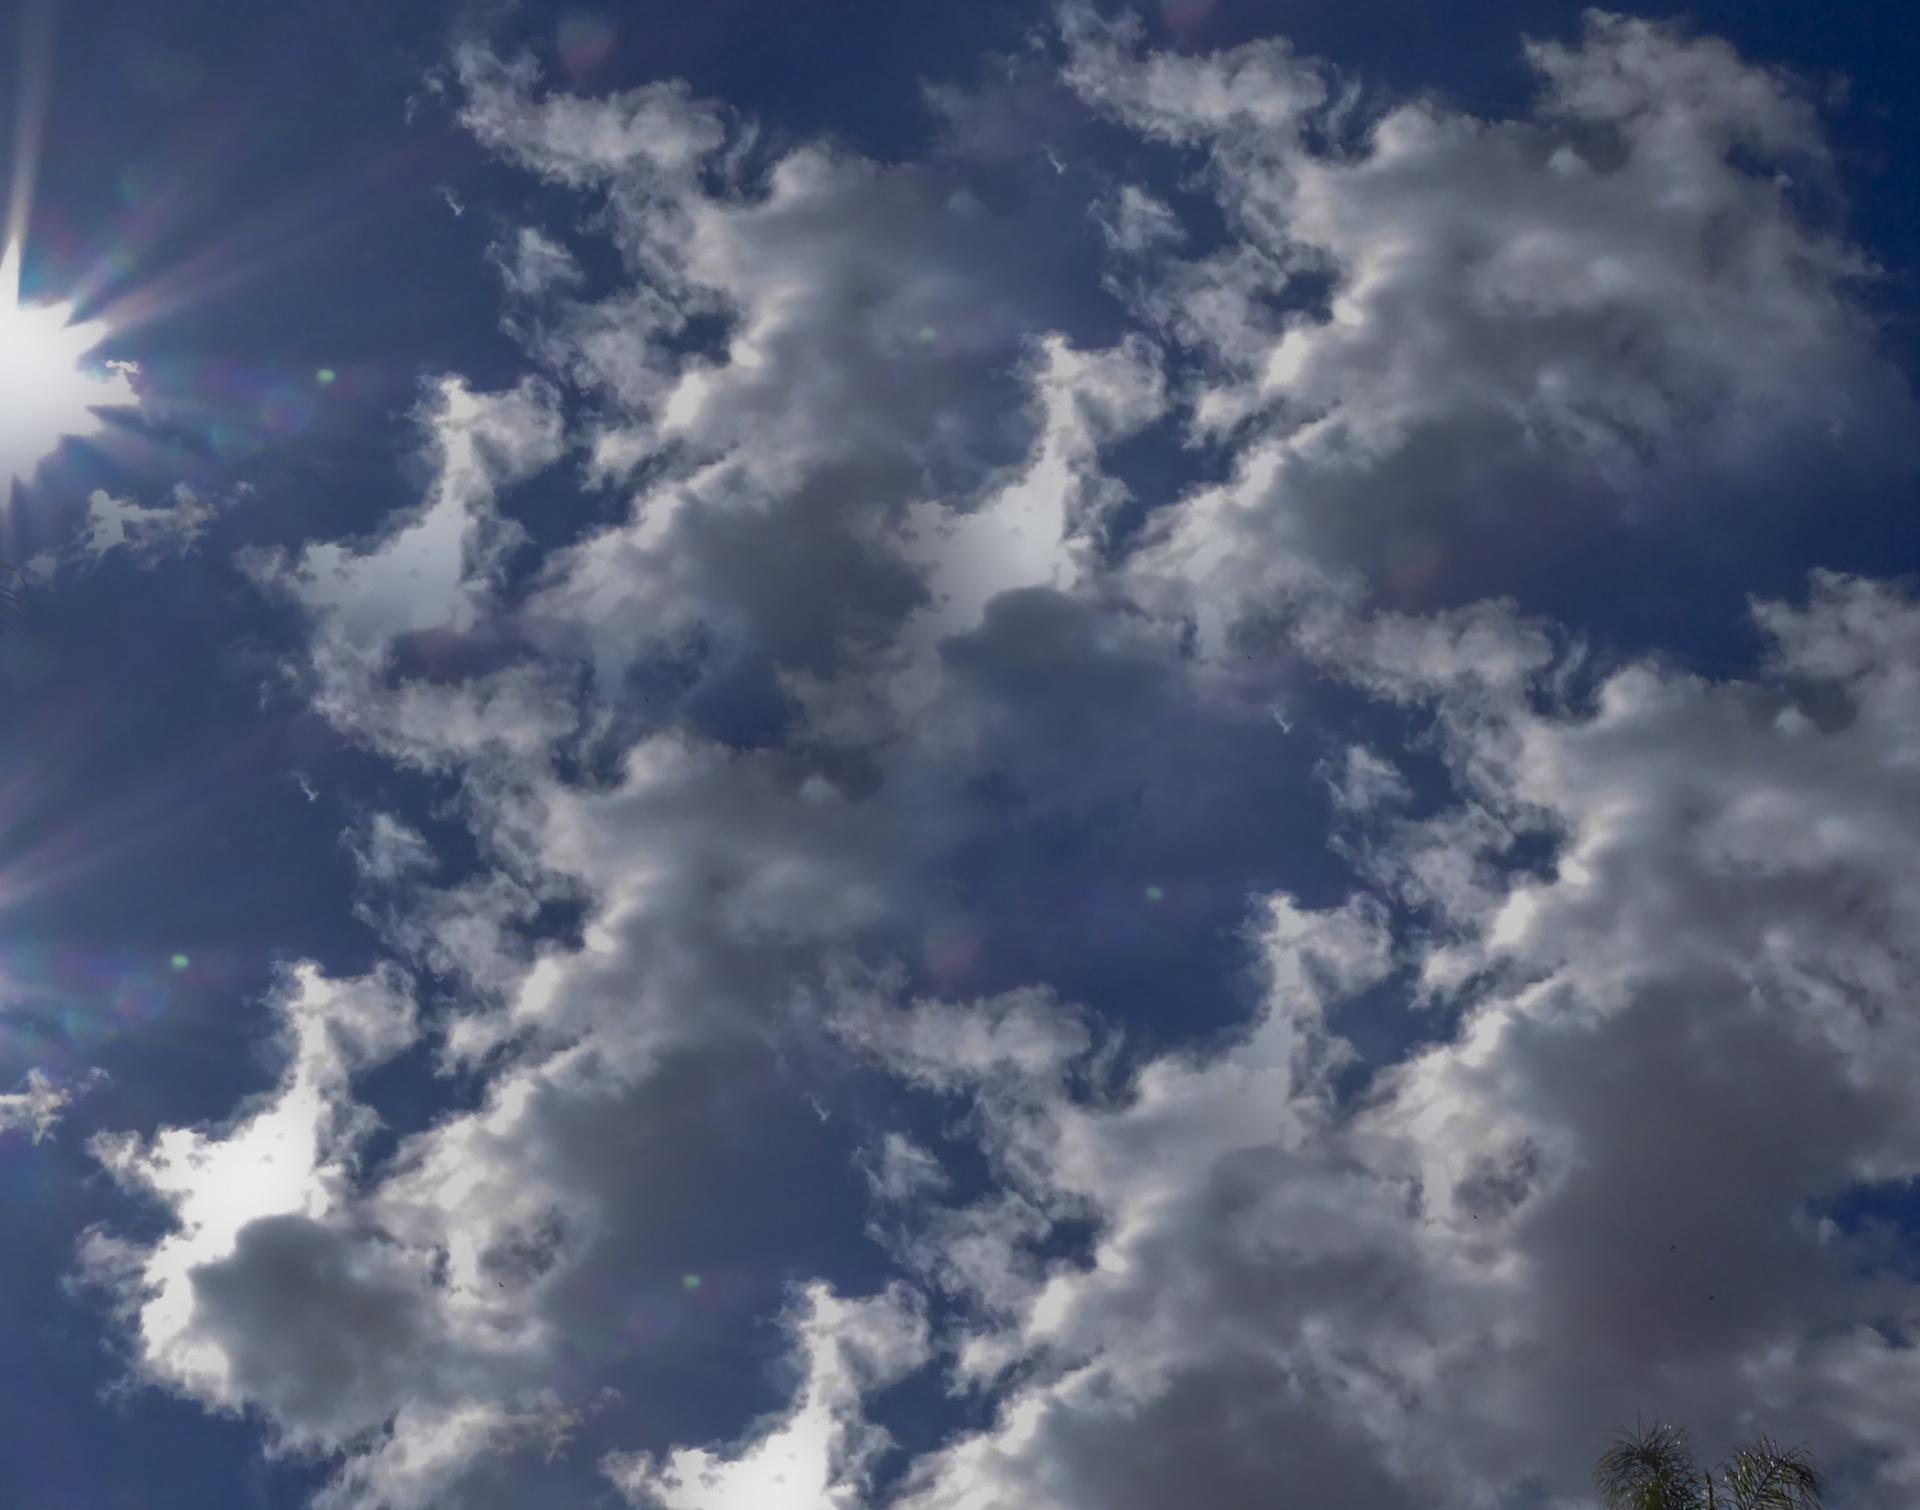 sun-burst-background-clouds.jpg